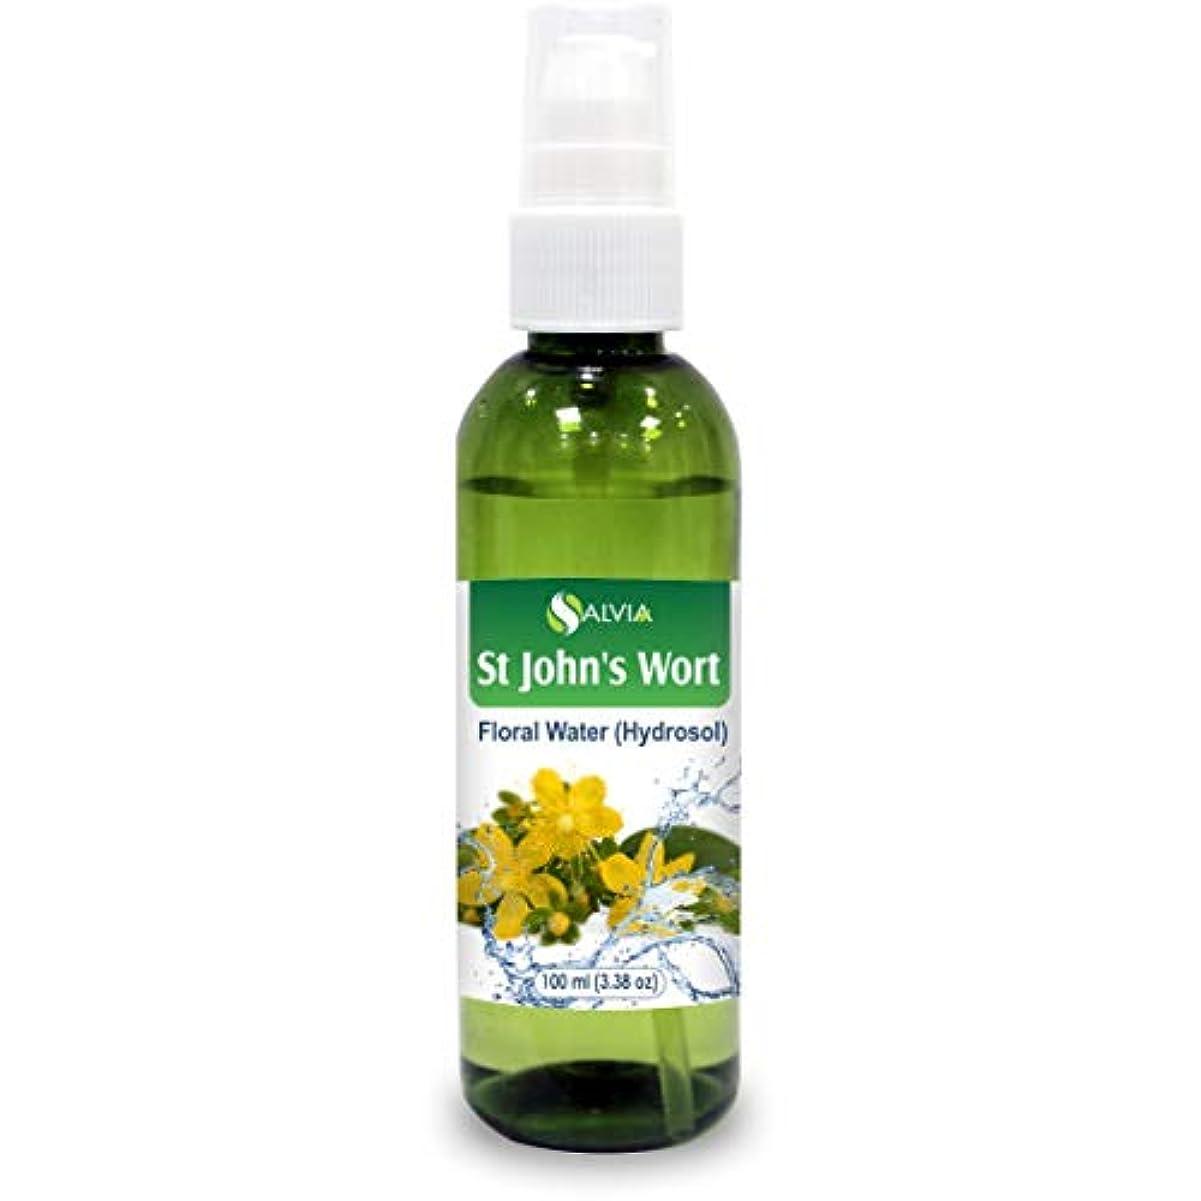 無傷毛皮素朴なSt John's Wort Floral Water 100ml (Hydrosol) 100% Pure And Natural